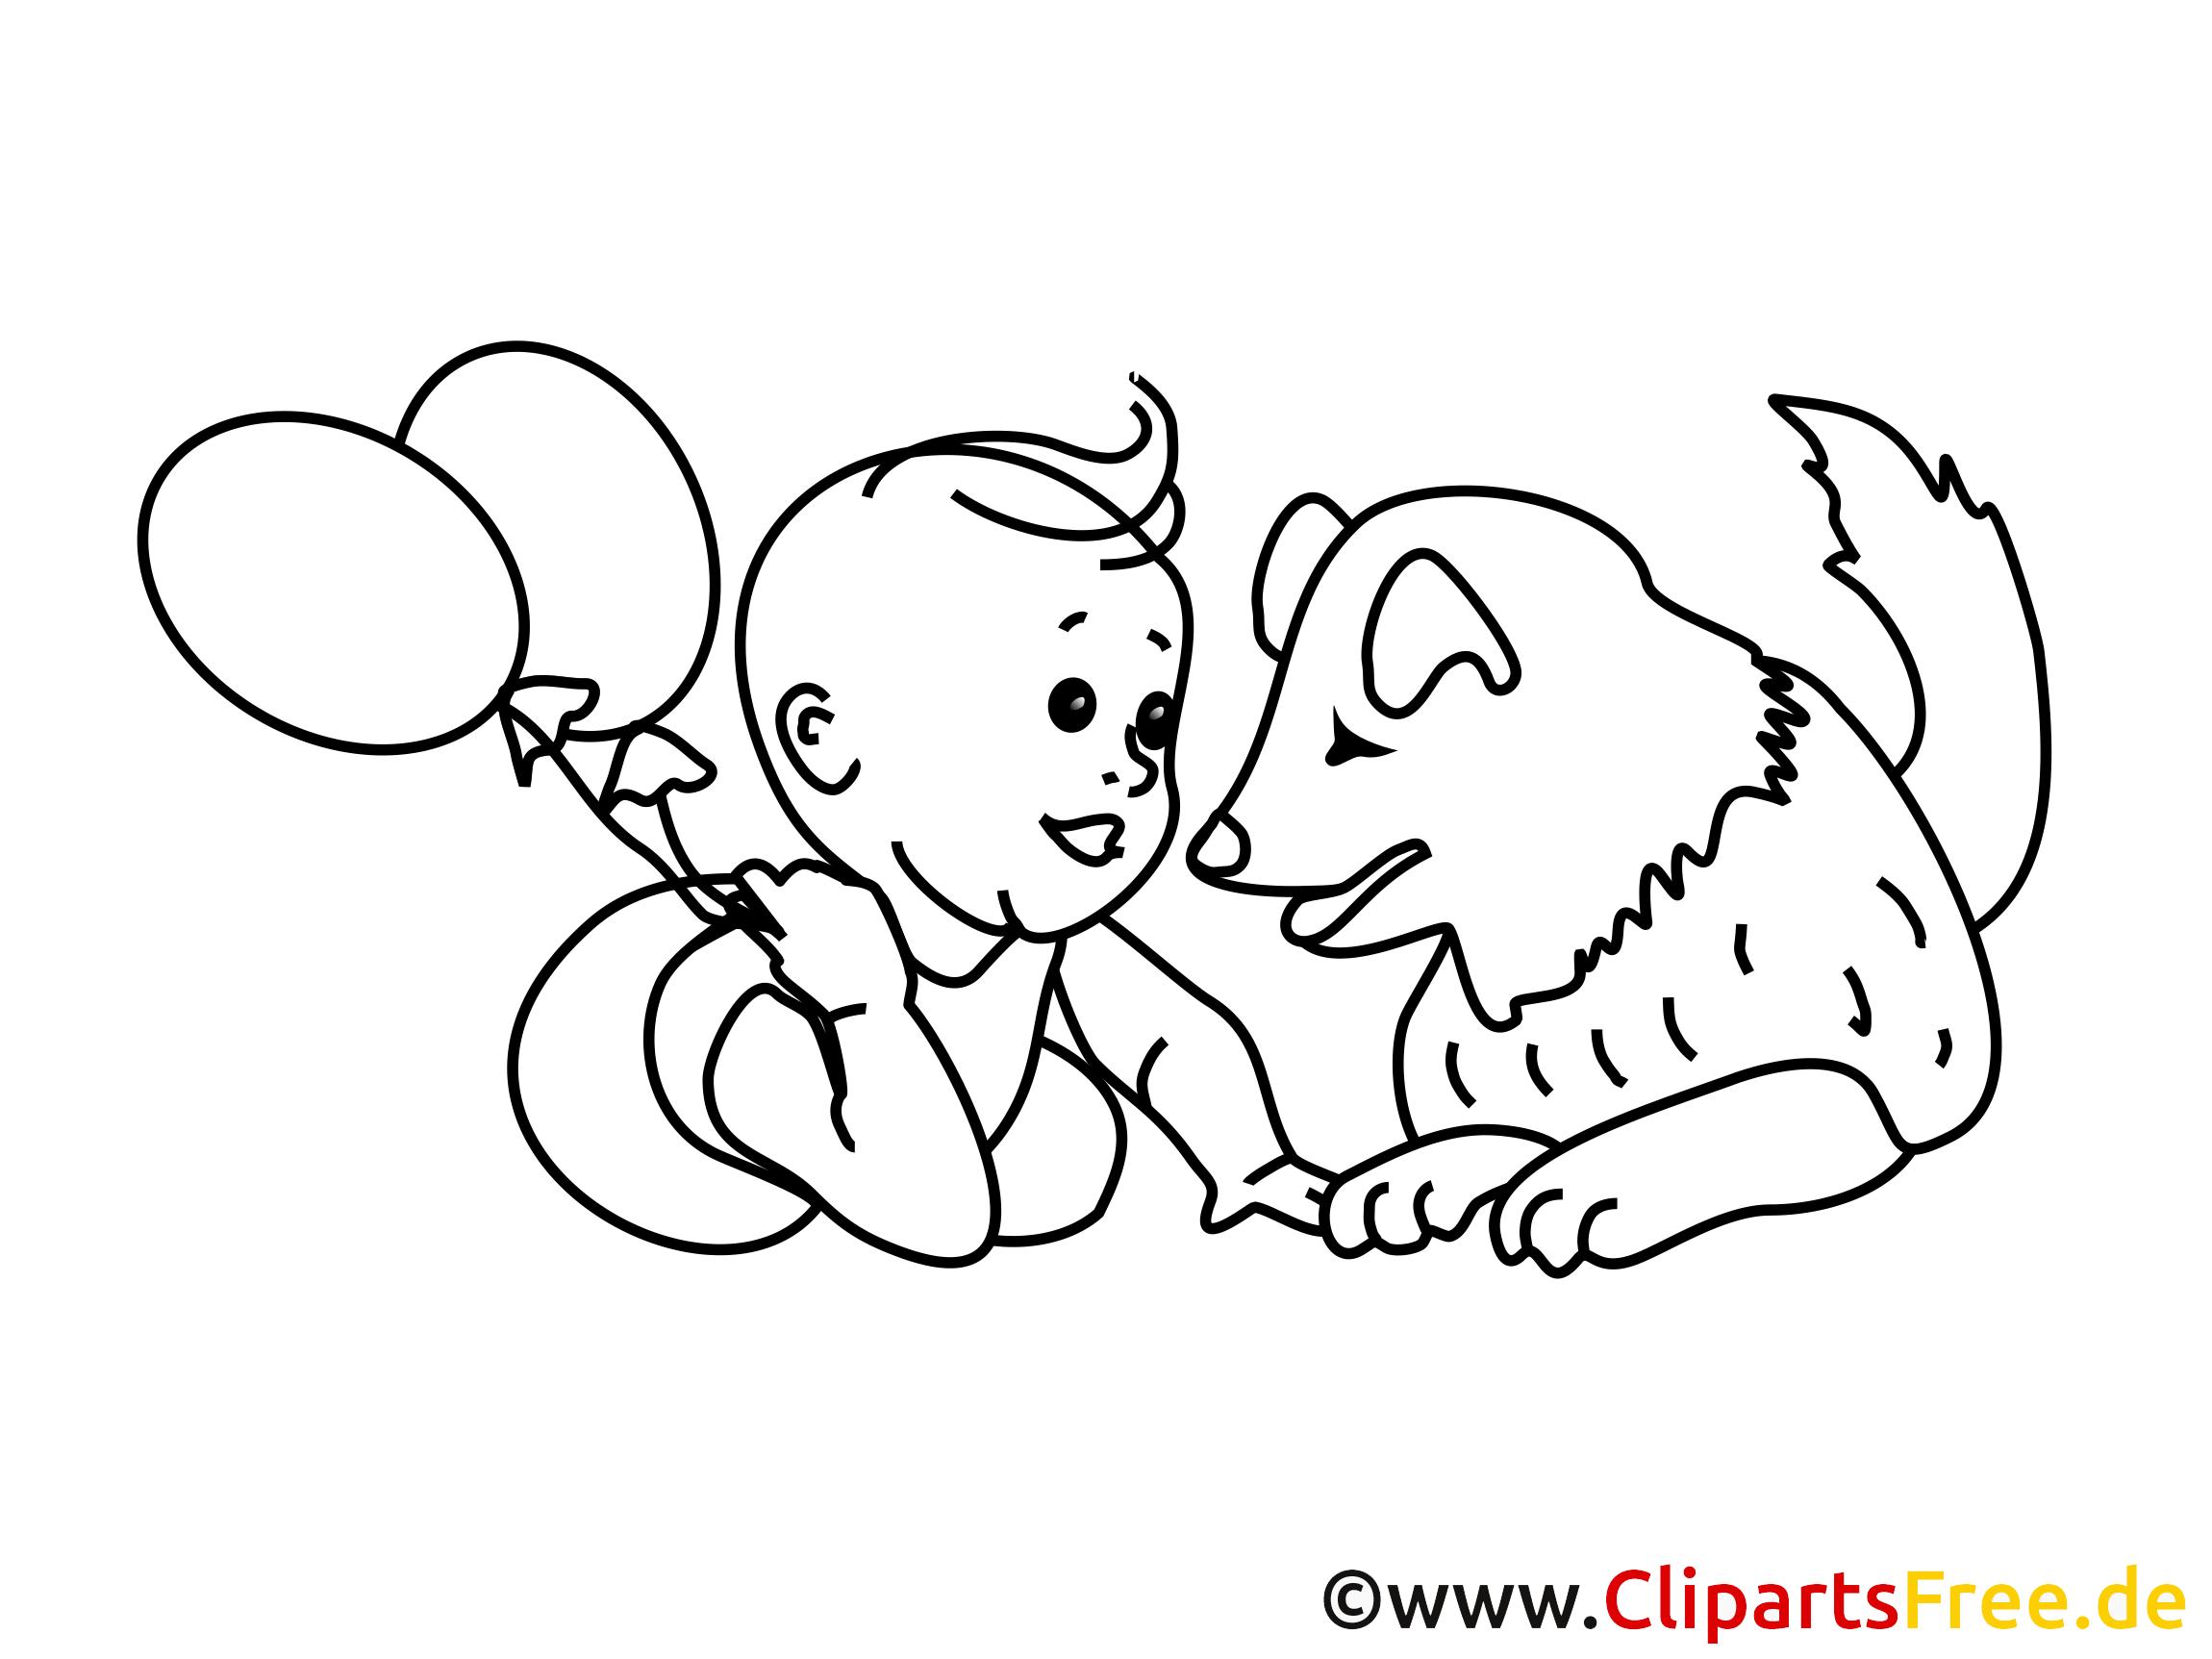 Ballons clipart gratuit – Bébé  colorier